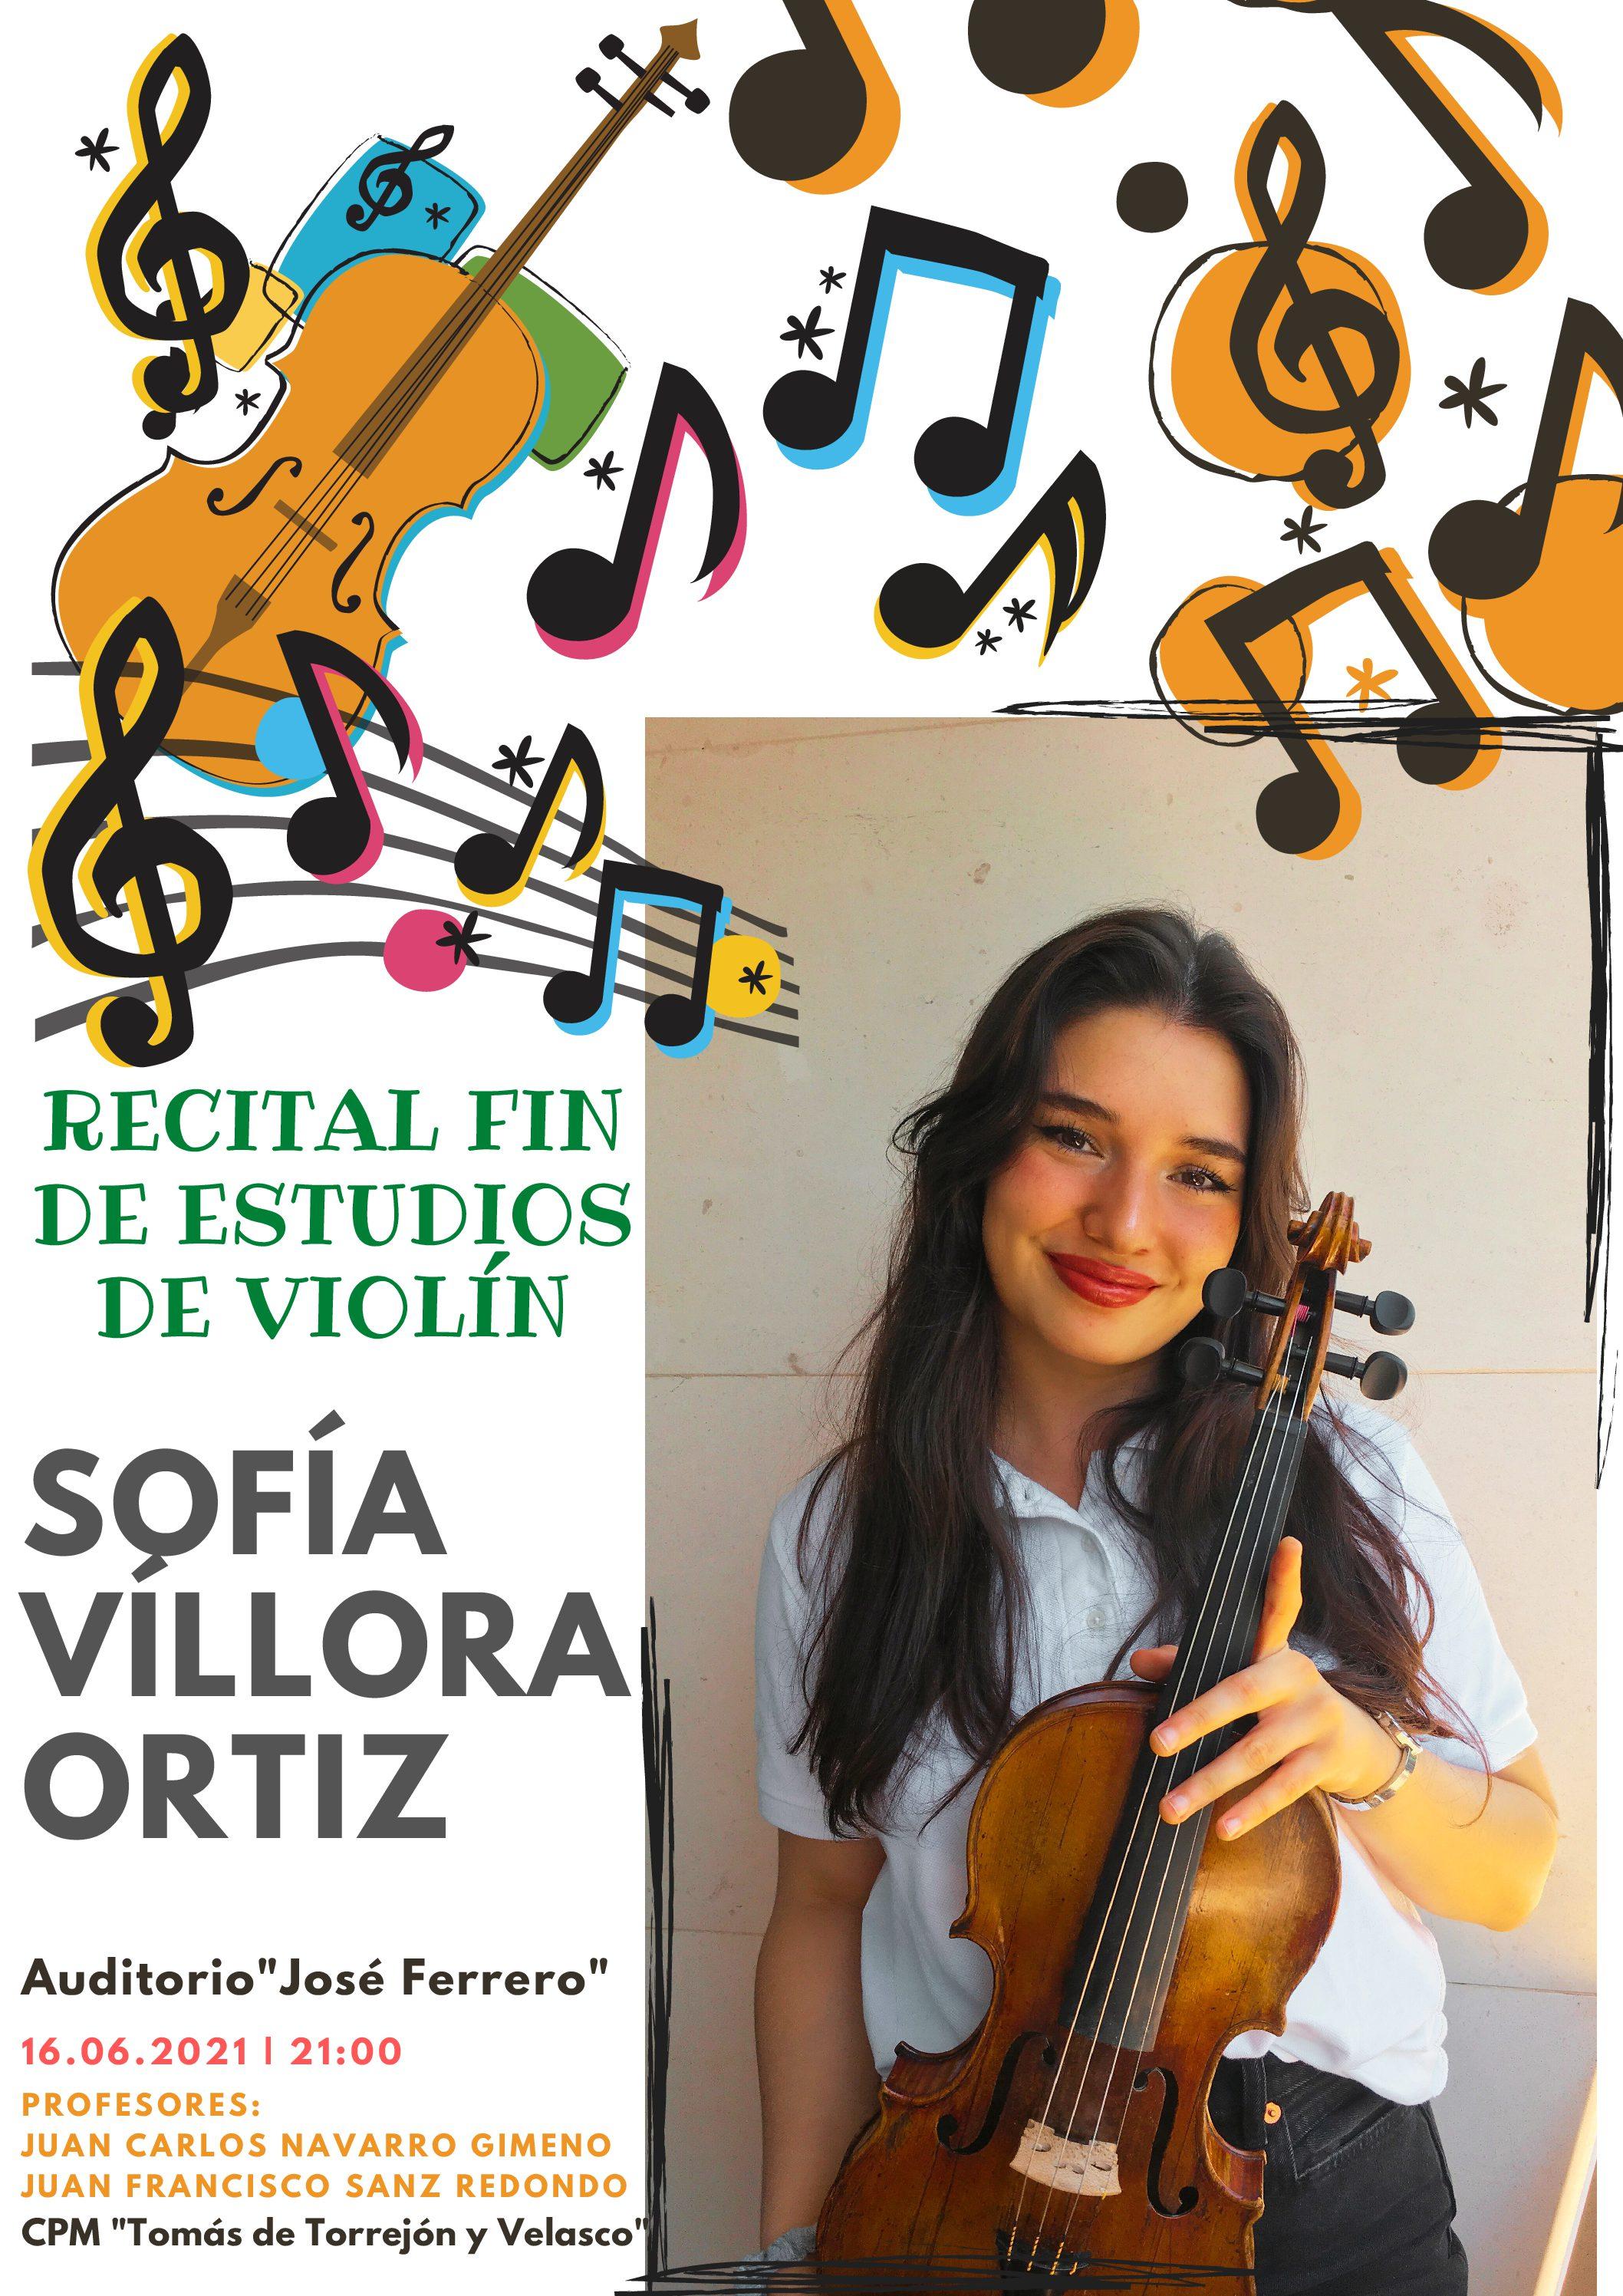 Recital Fin de estudios – Sofía Víllora Ortiz